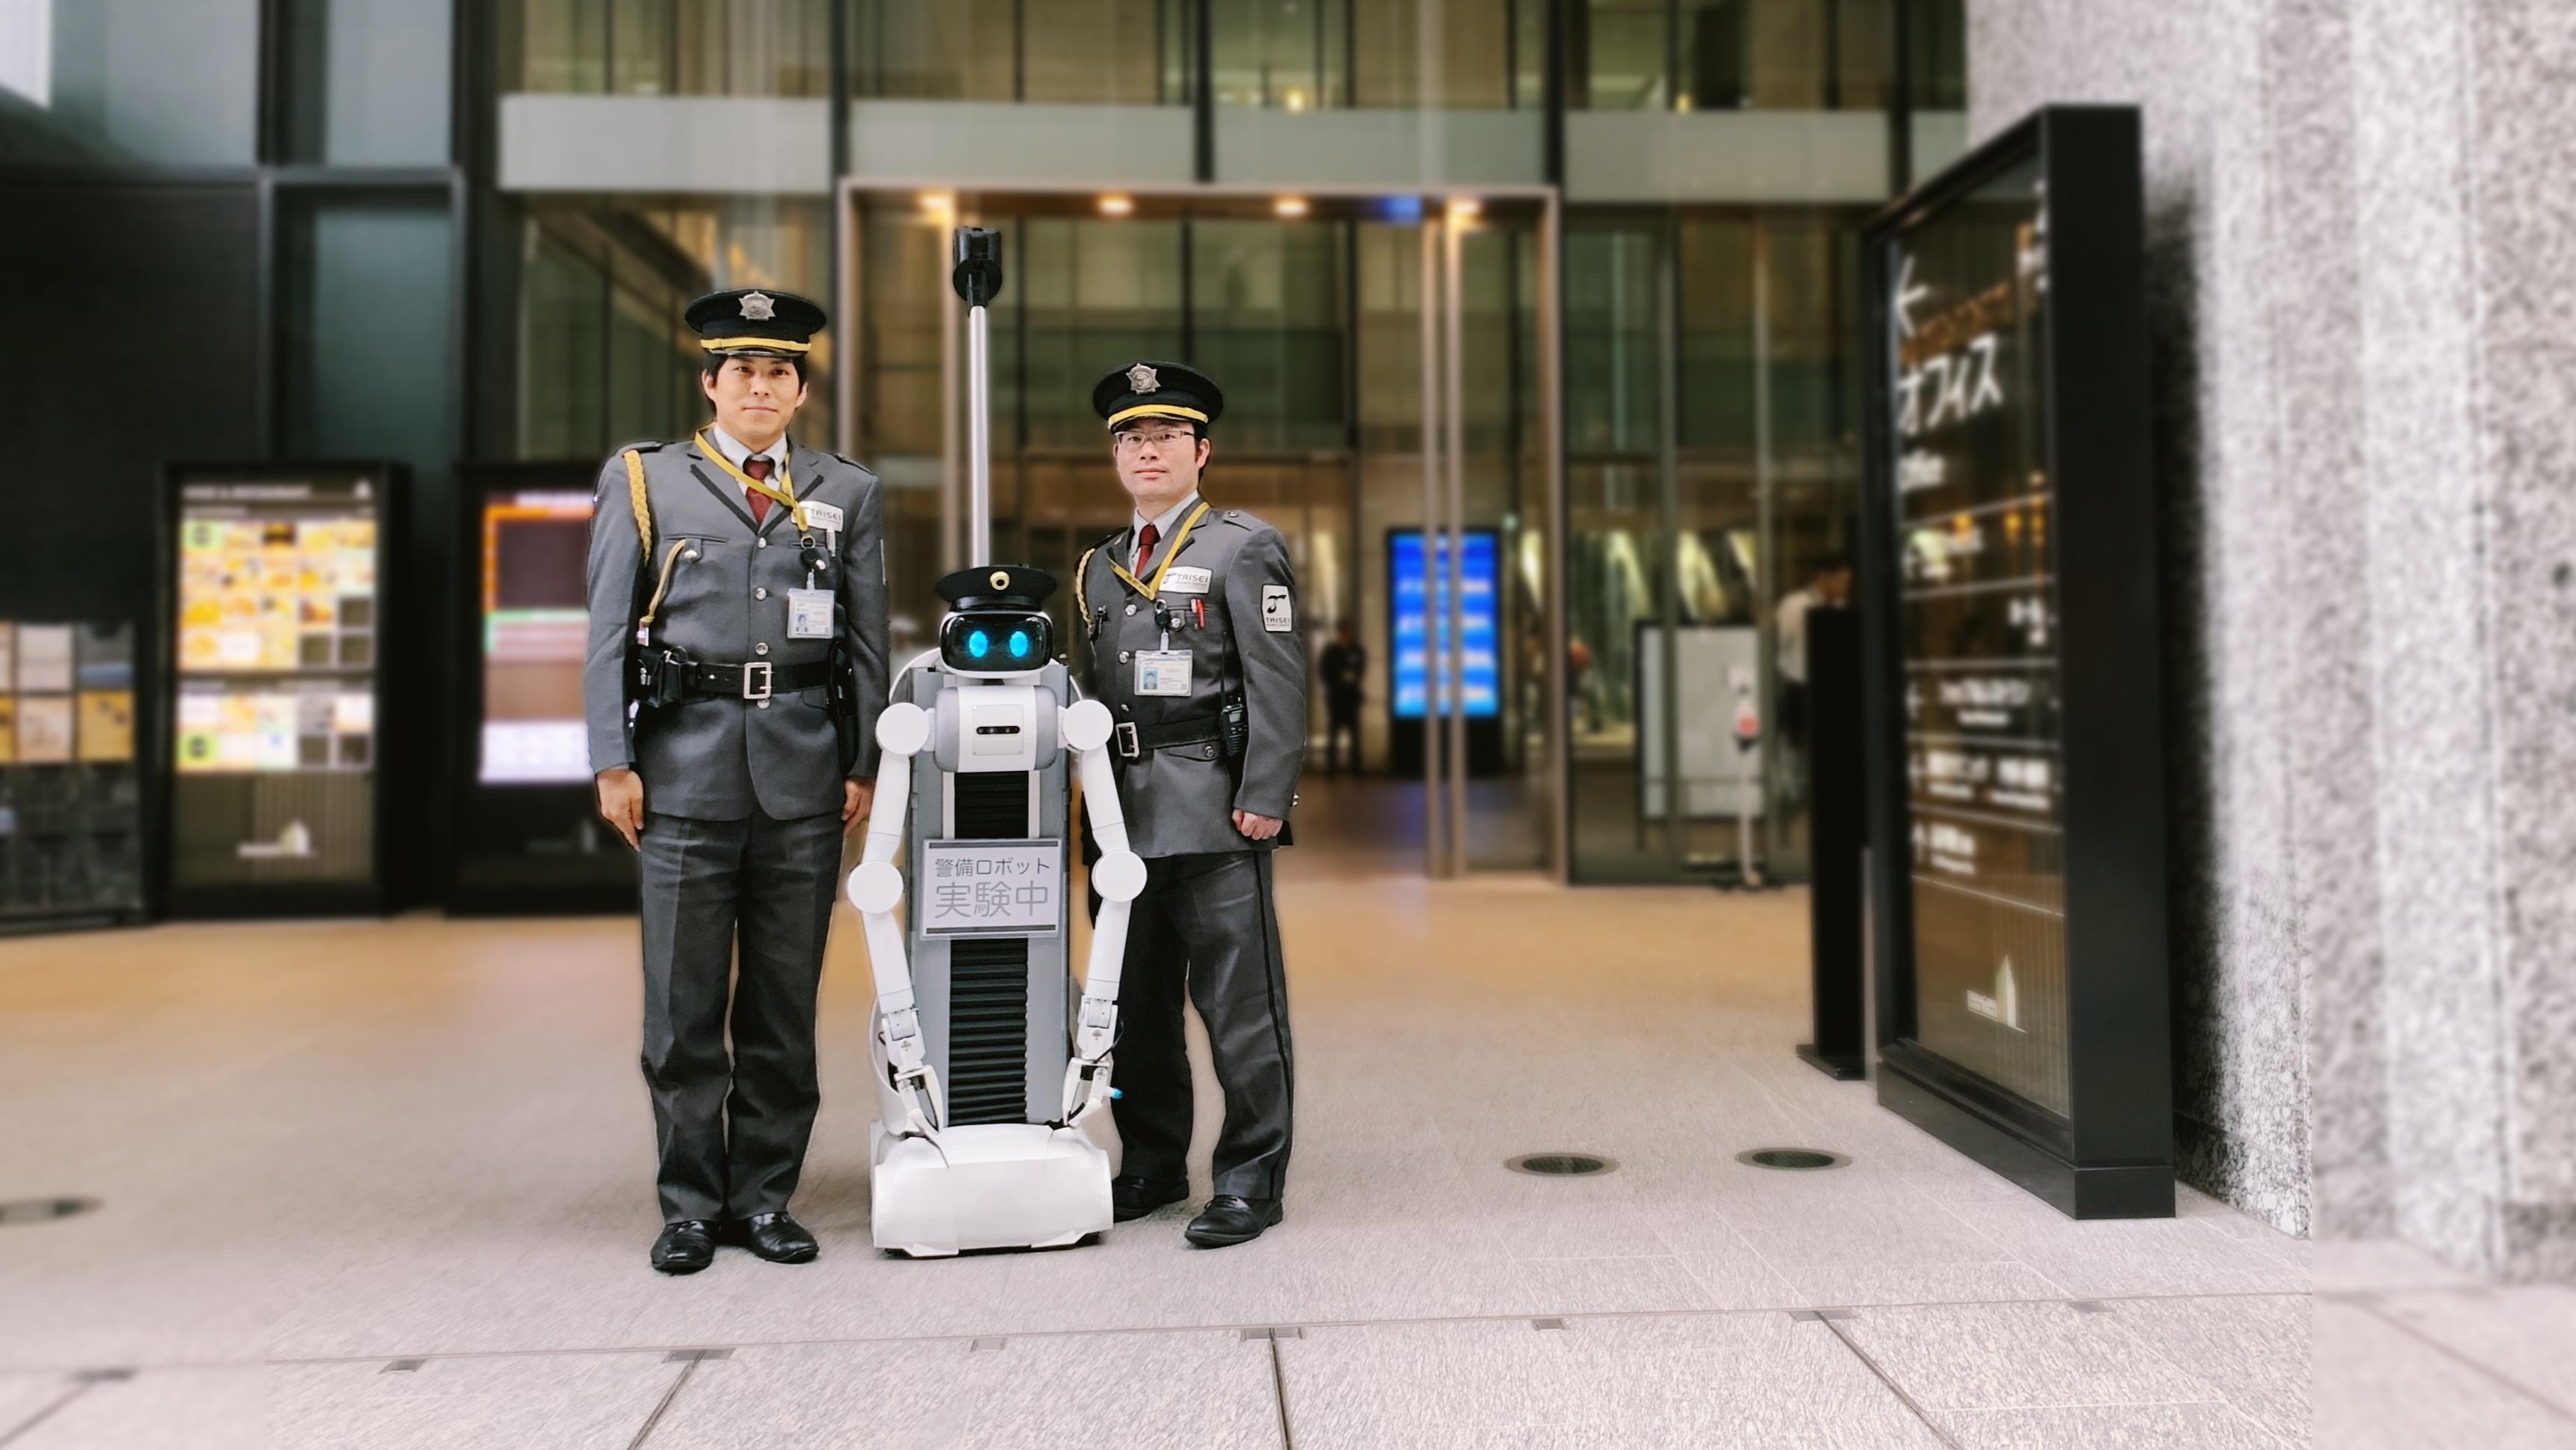 """アバターロボット """"ugo"""" によるビル警備実証実験を実施"""